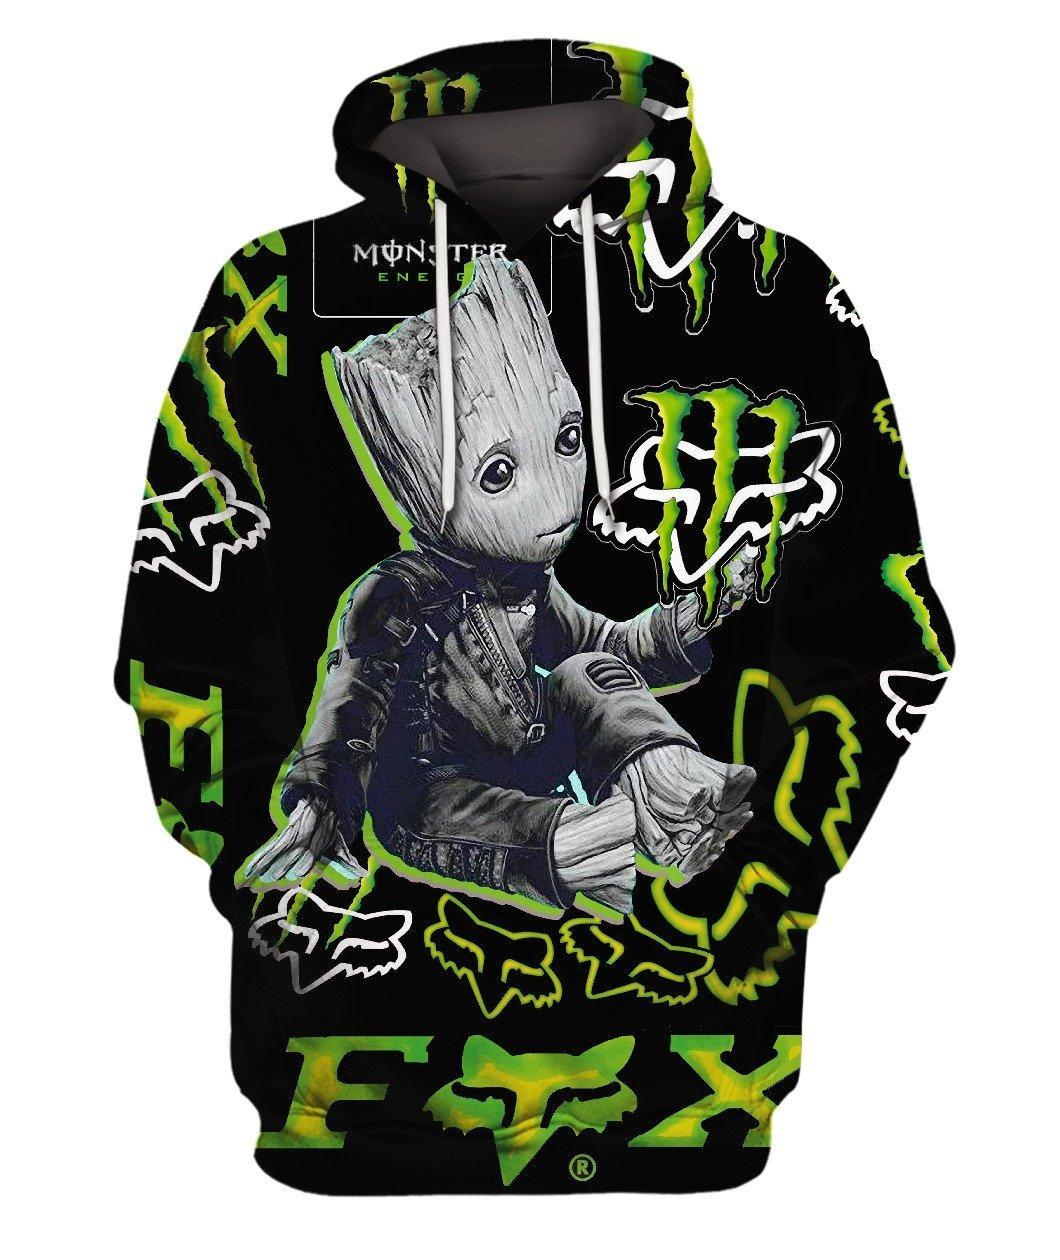 Groot Fox Bike Monster Energy Green 3d Full Print Hoodie